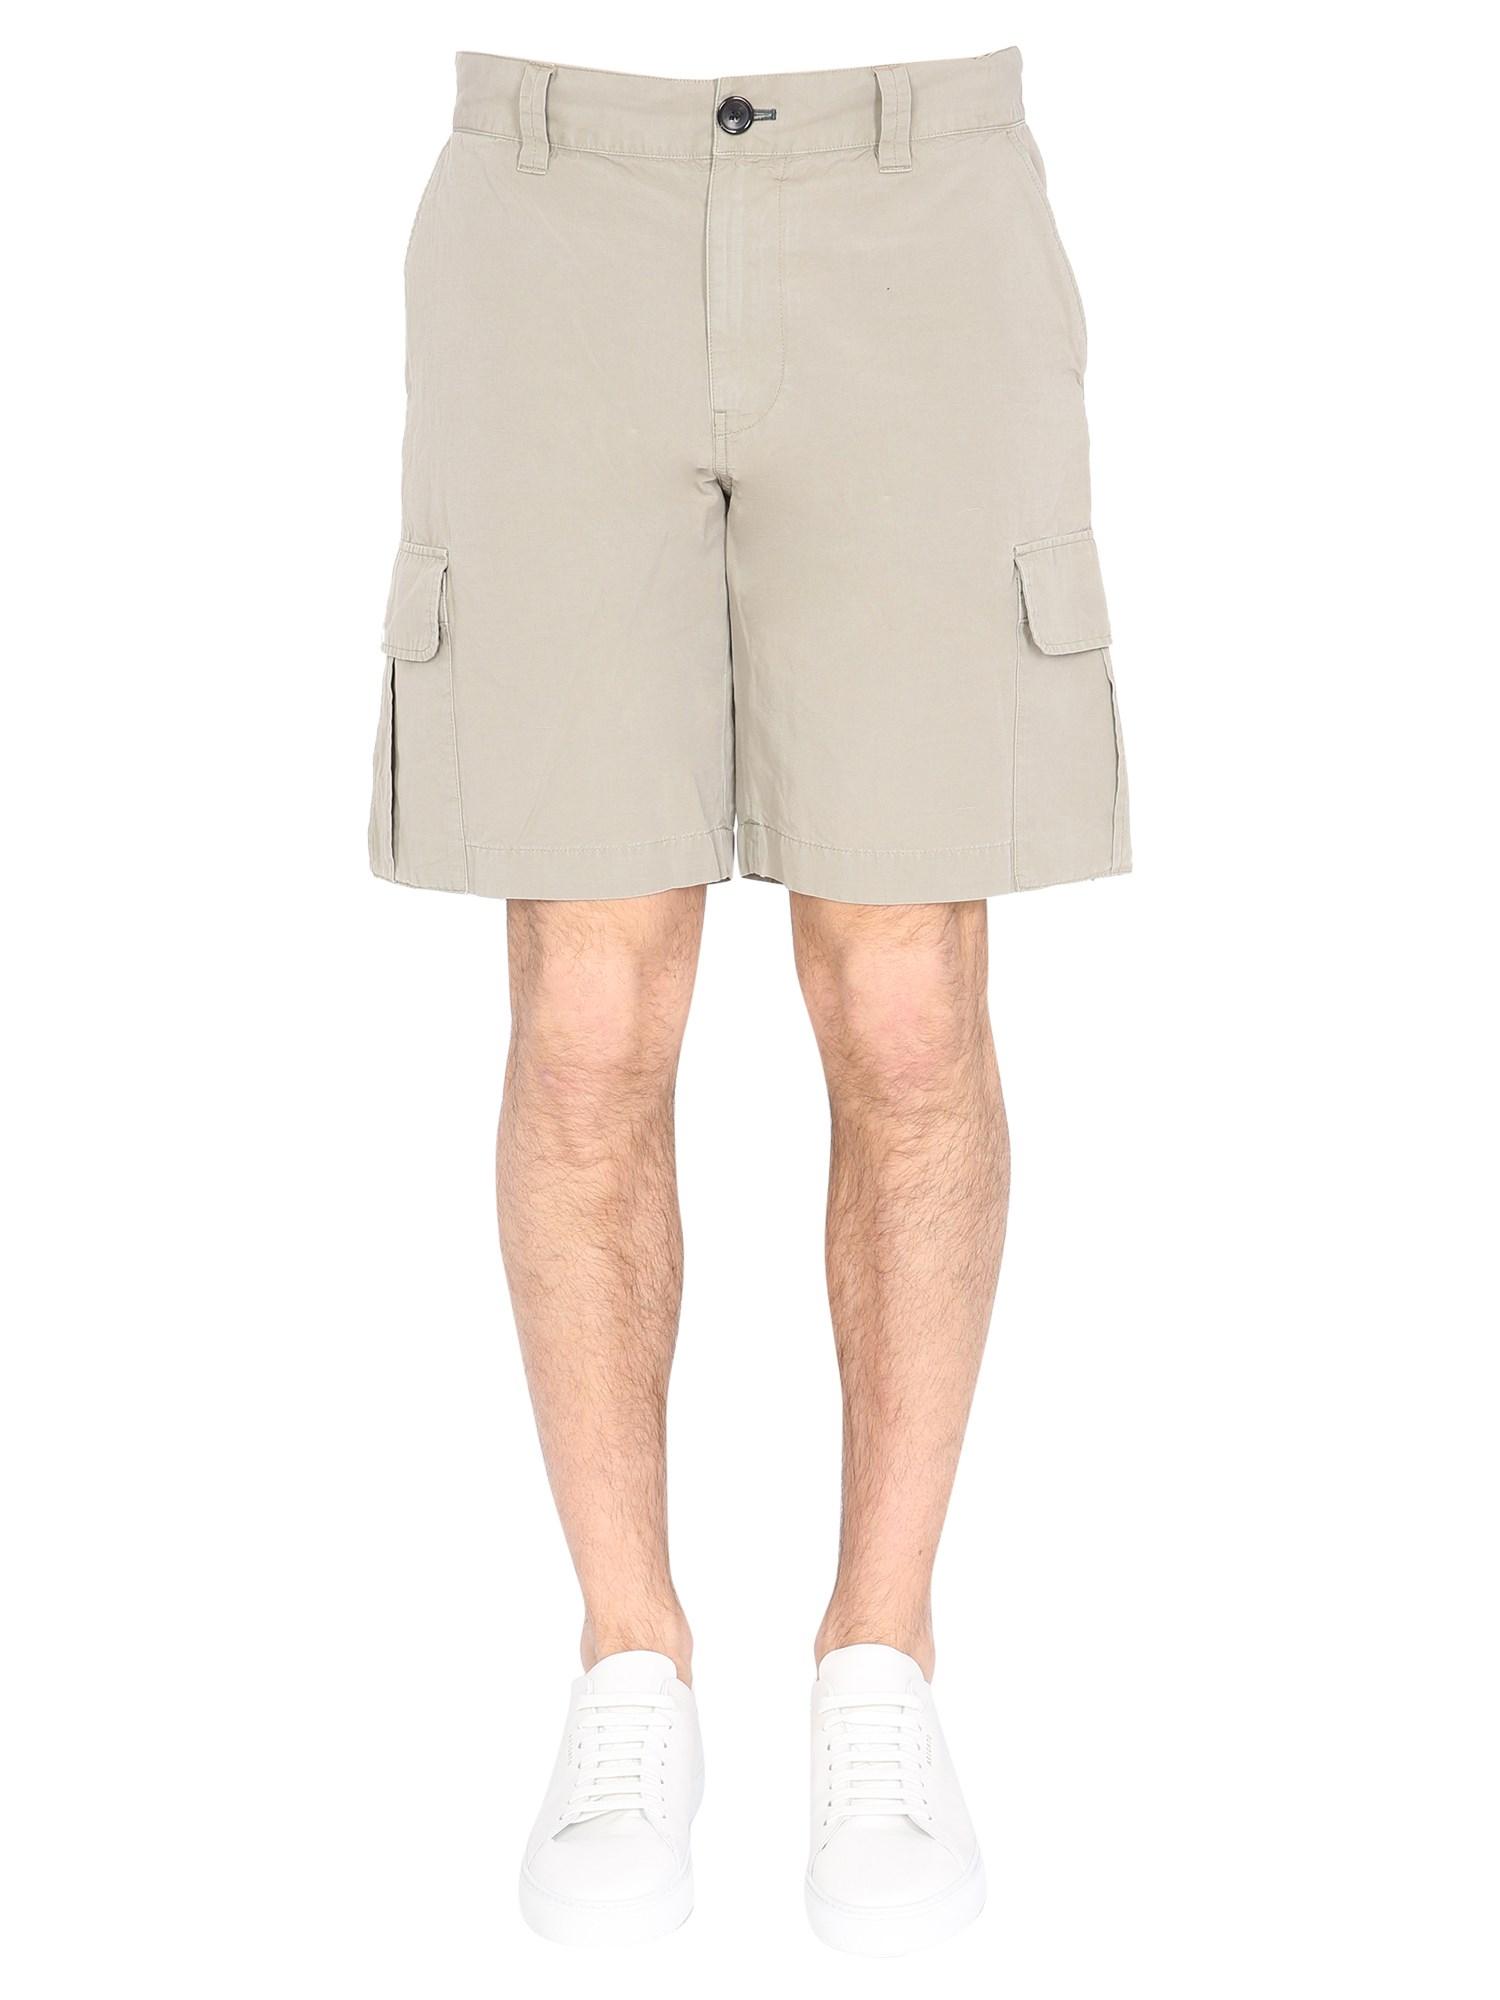 Ps by paul smith cargo shorts - ps by paul smith - Modalova